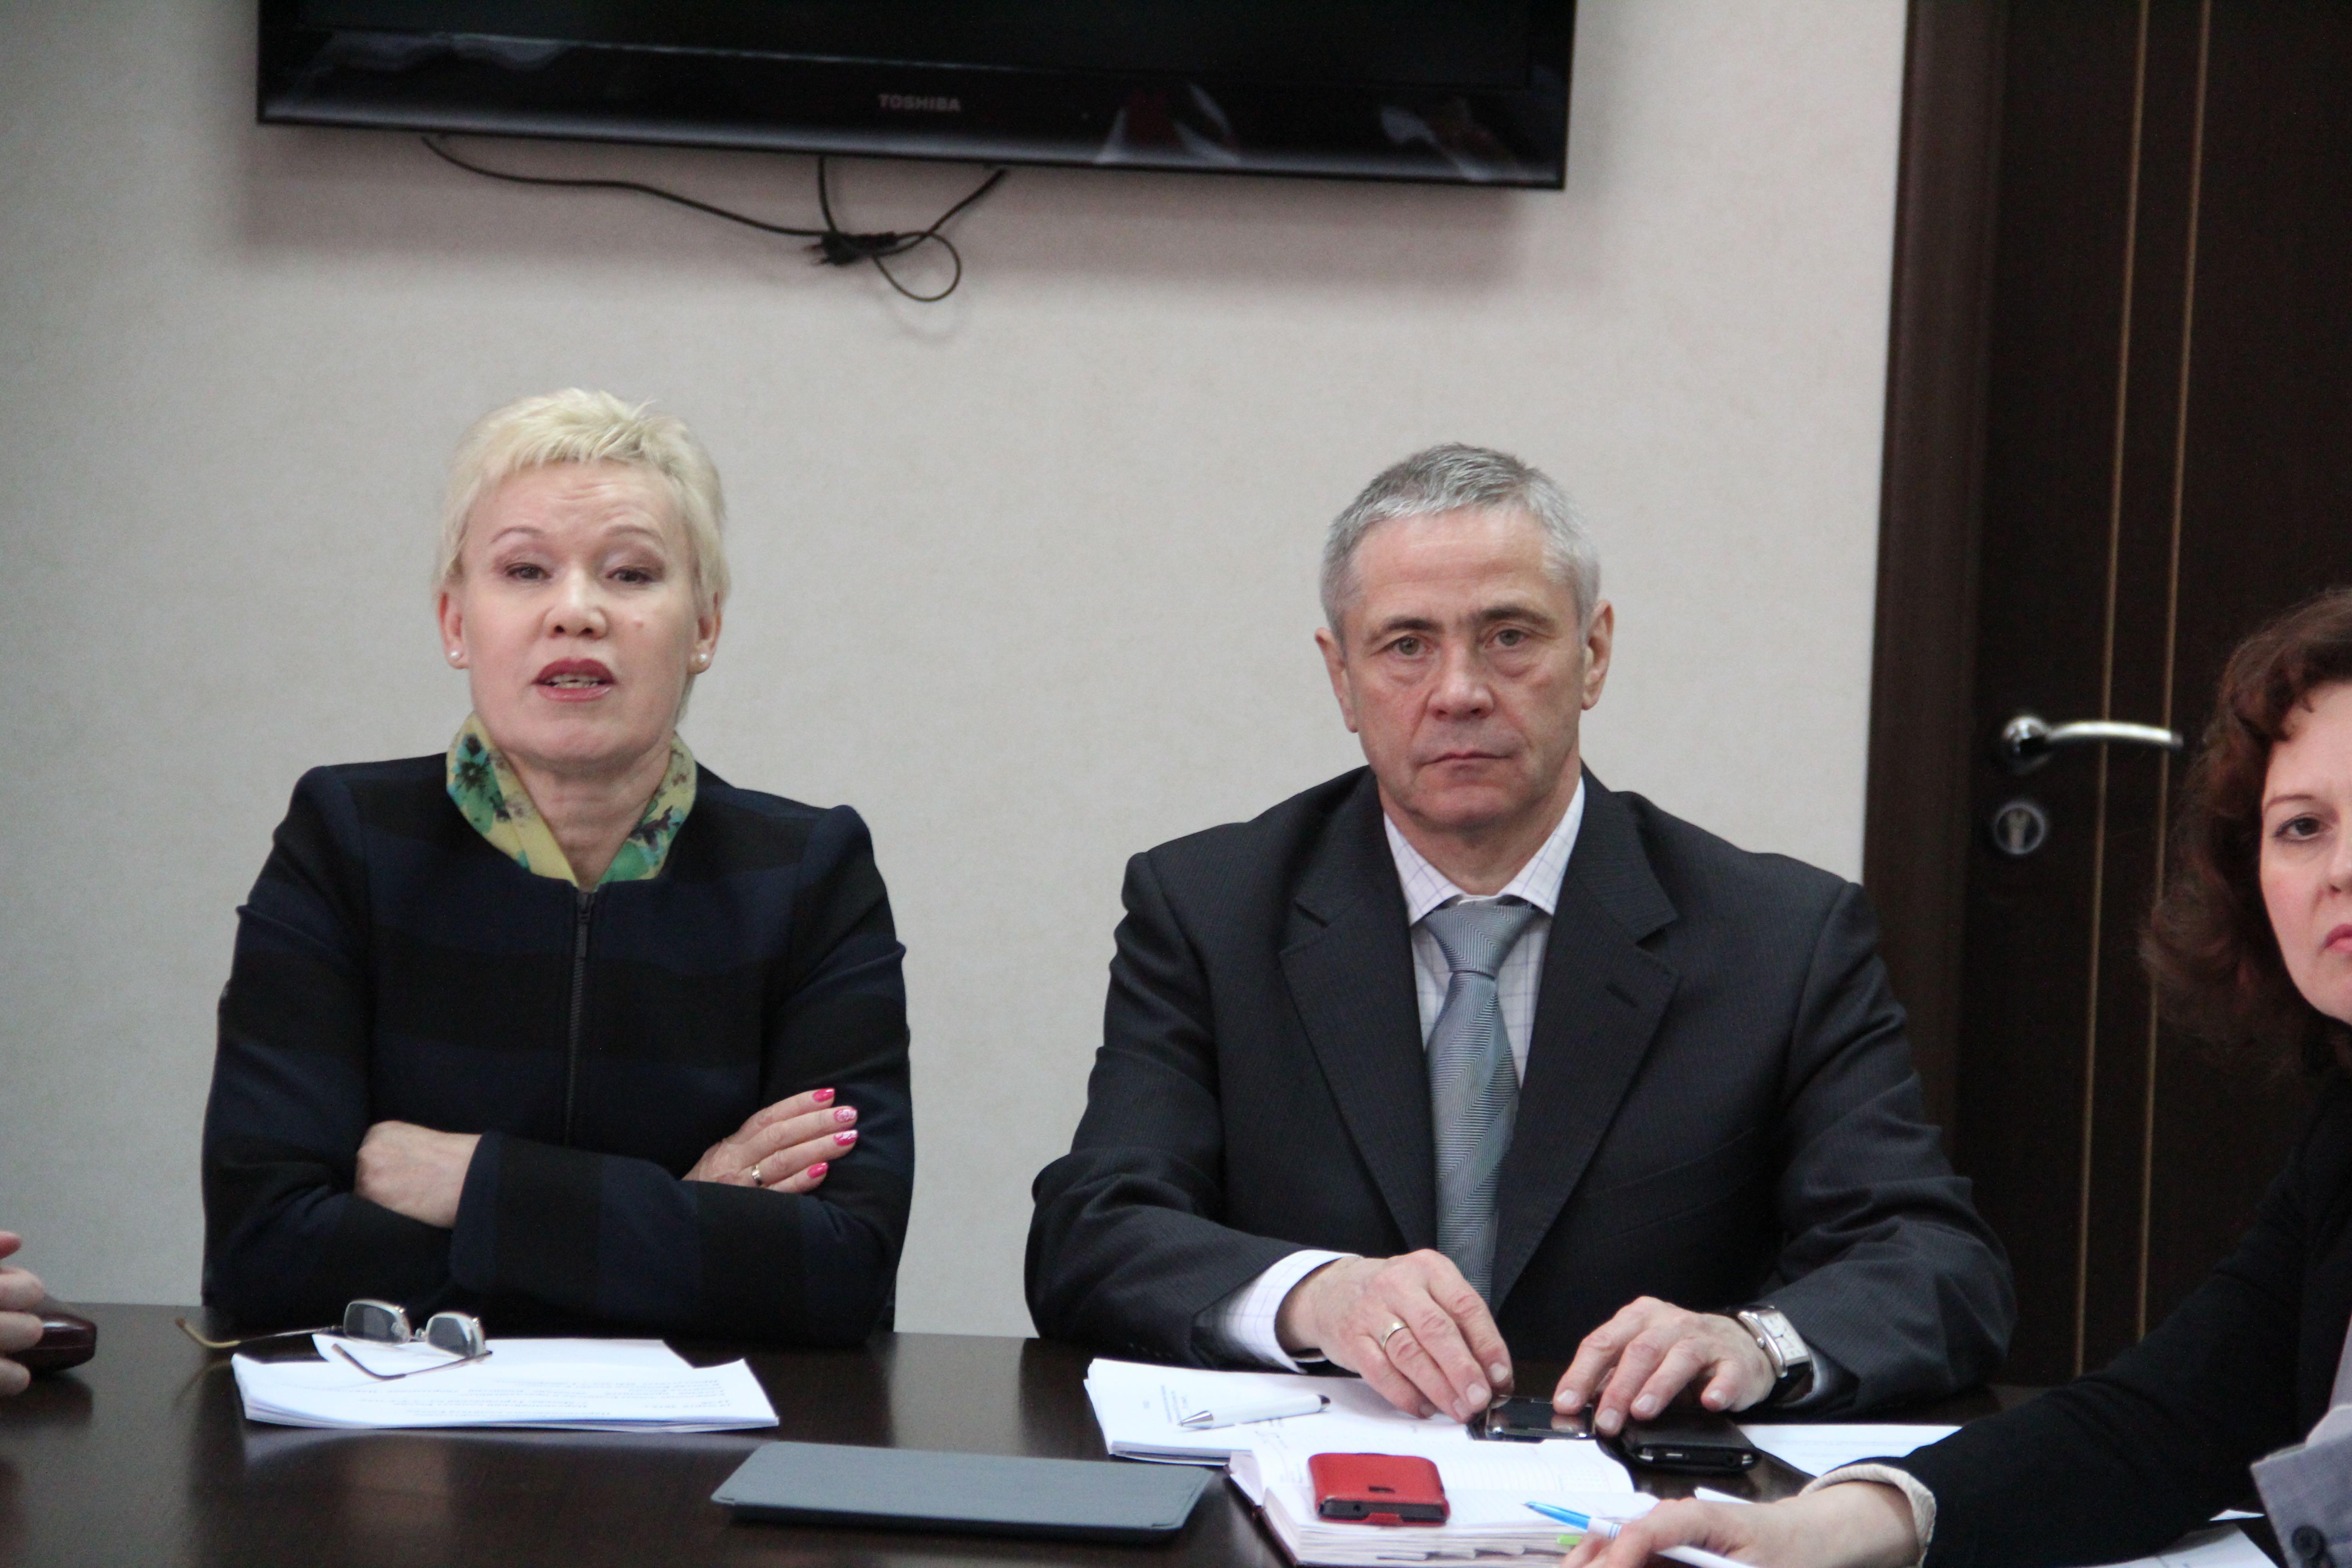 В Доме паралимпийского спорта прошло заседание Комиссии спортсменов ПКР под руководством  Р.А. Баталовой